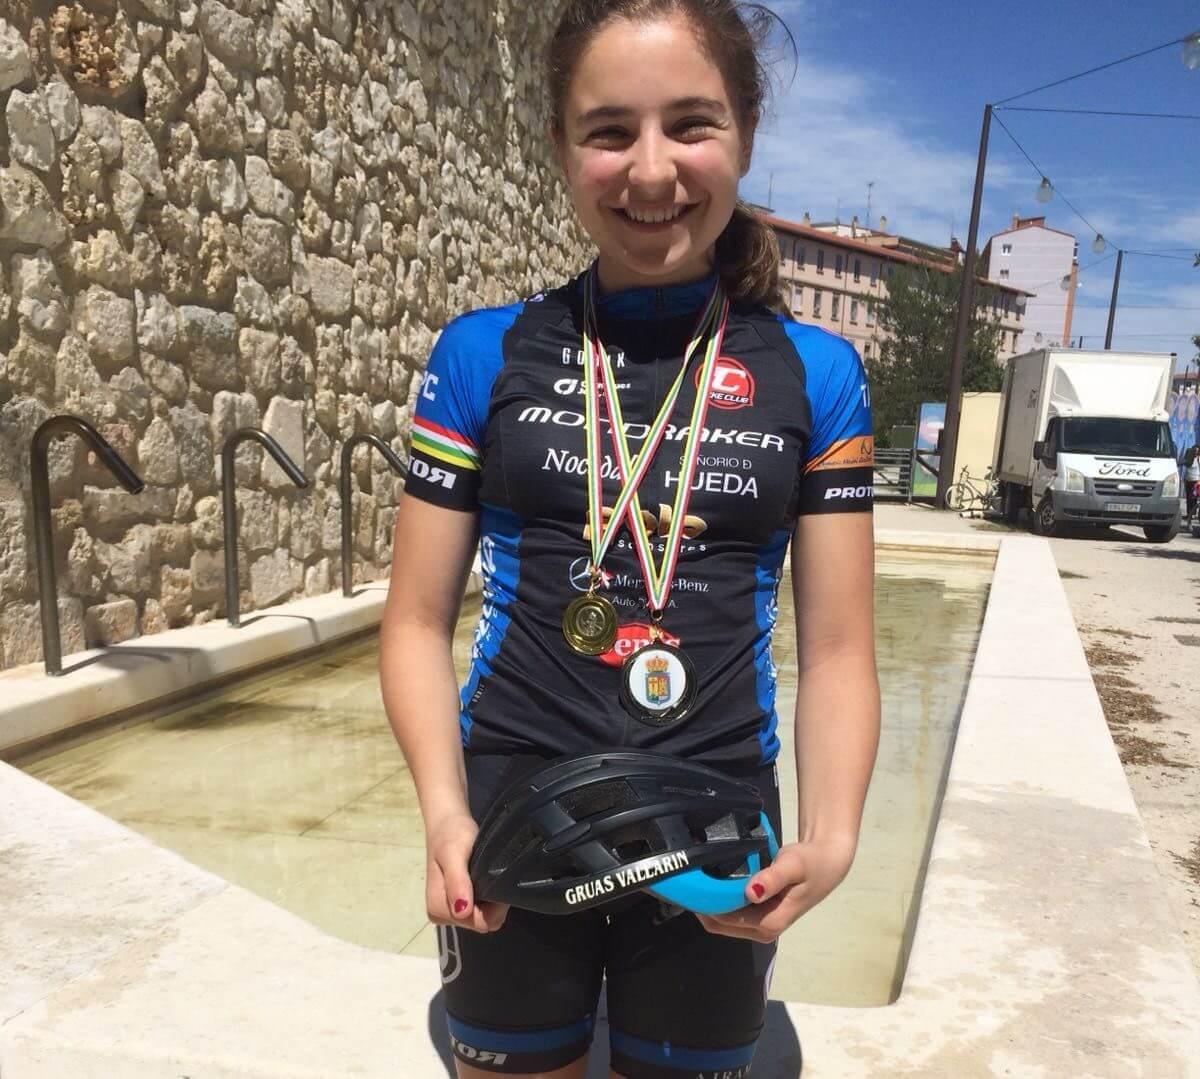 La jarrera María López, subcampeona de La Rioja de BTT 2